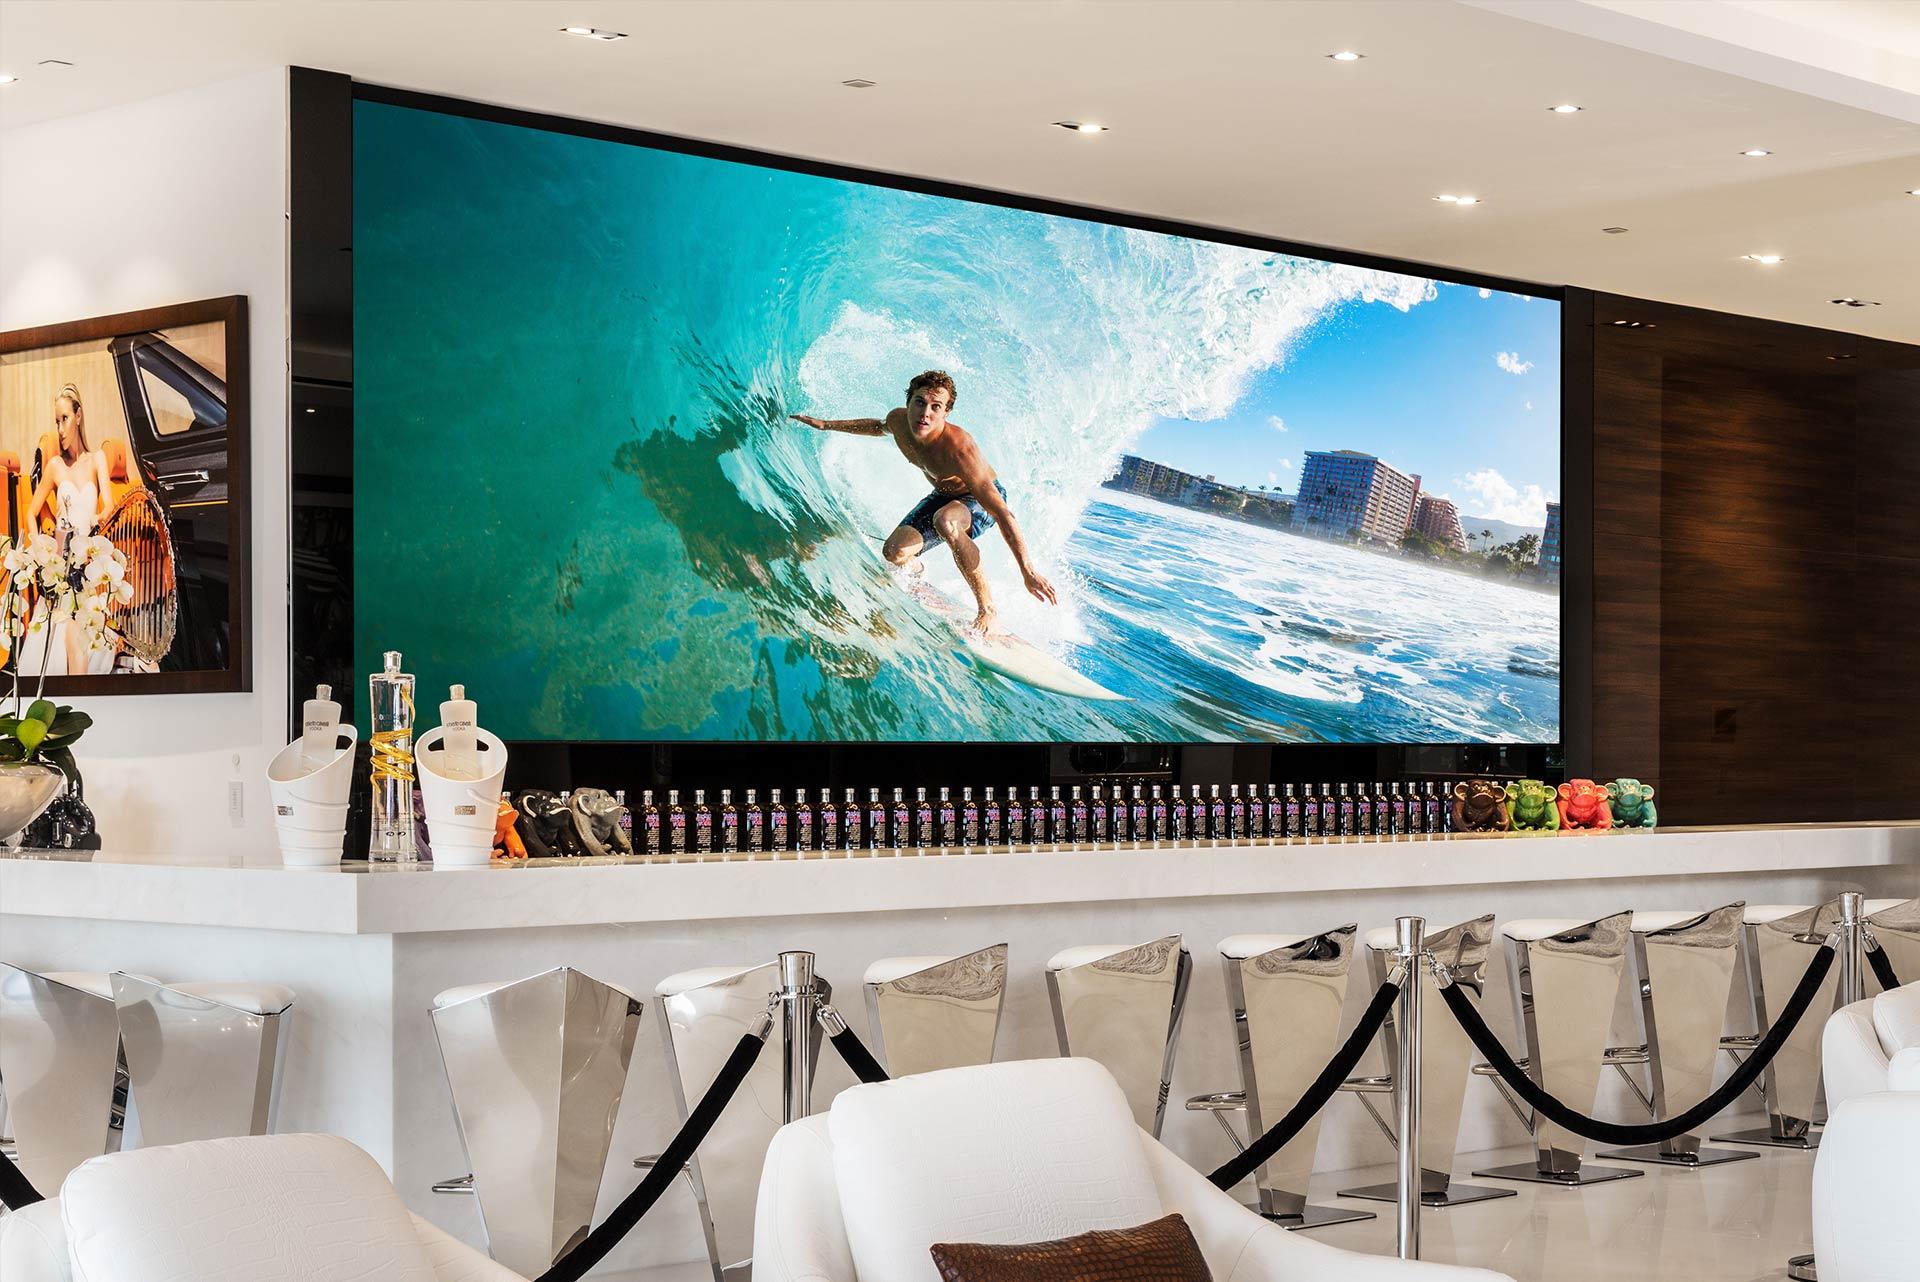 Ứng dụng quảng cáo của màn hình LED P2. 976 trong nhà